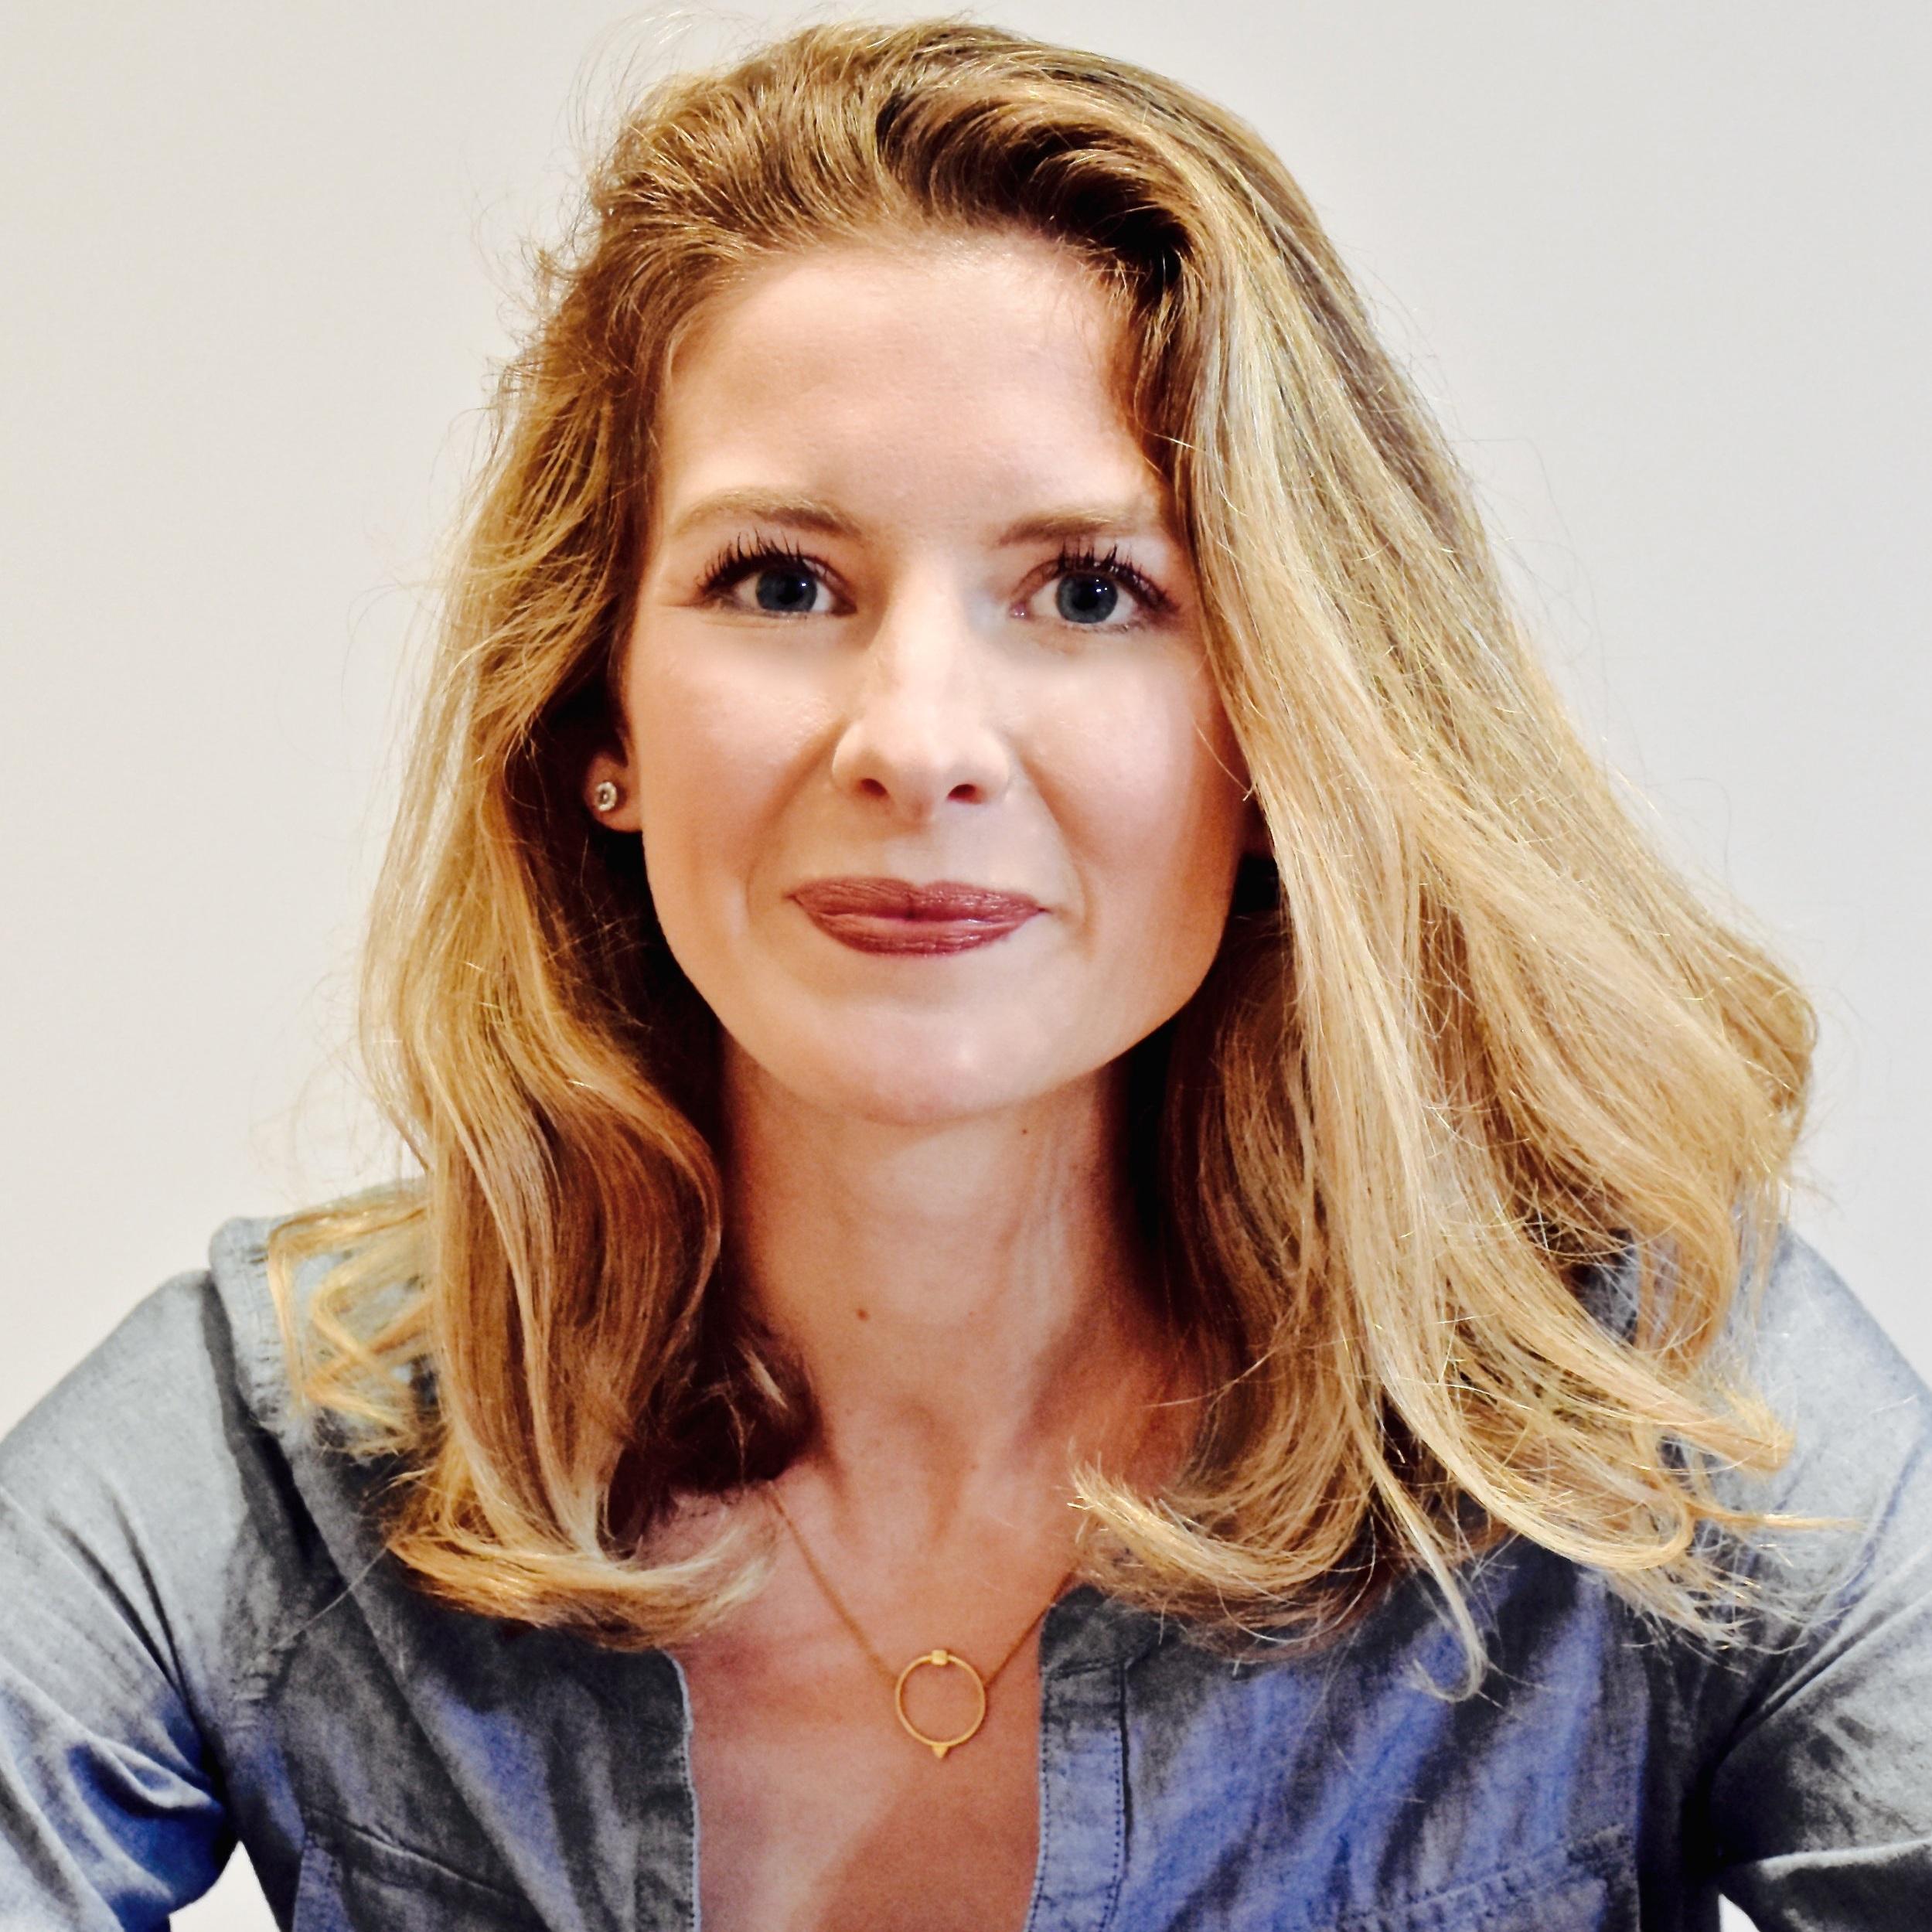 Laura Stratton - Voice & Piano - ljanerobertson@gmail.com